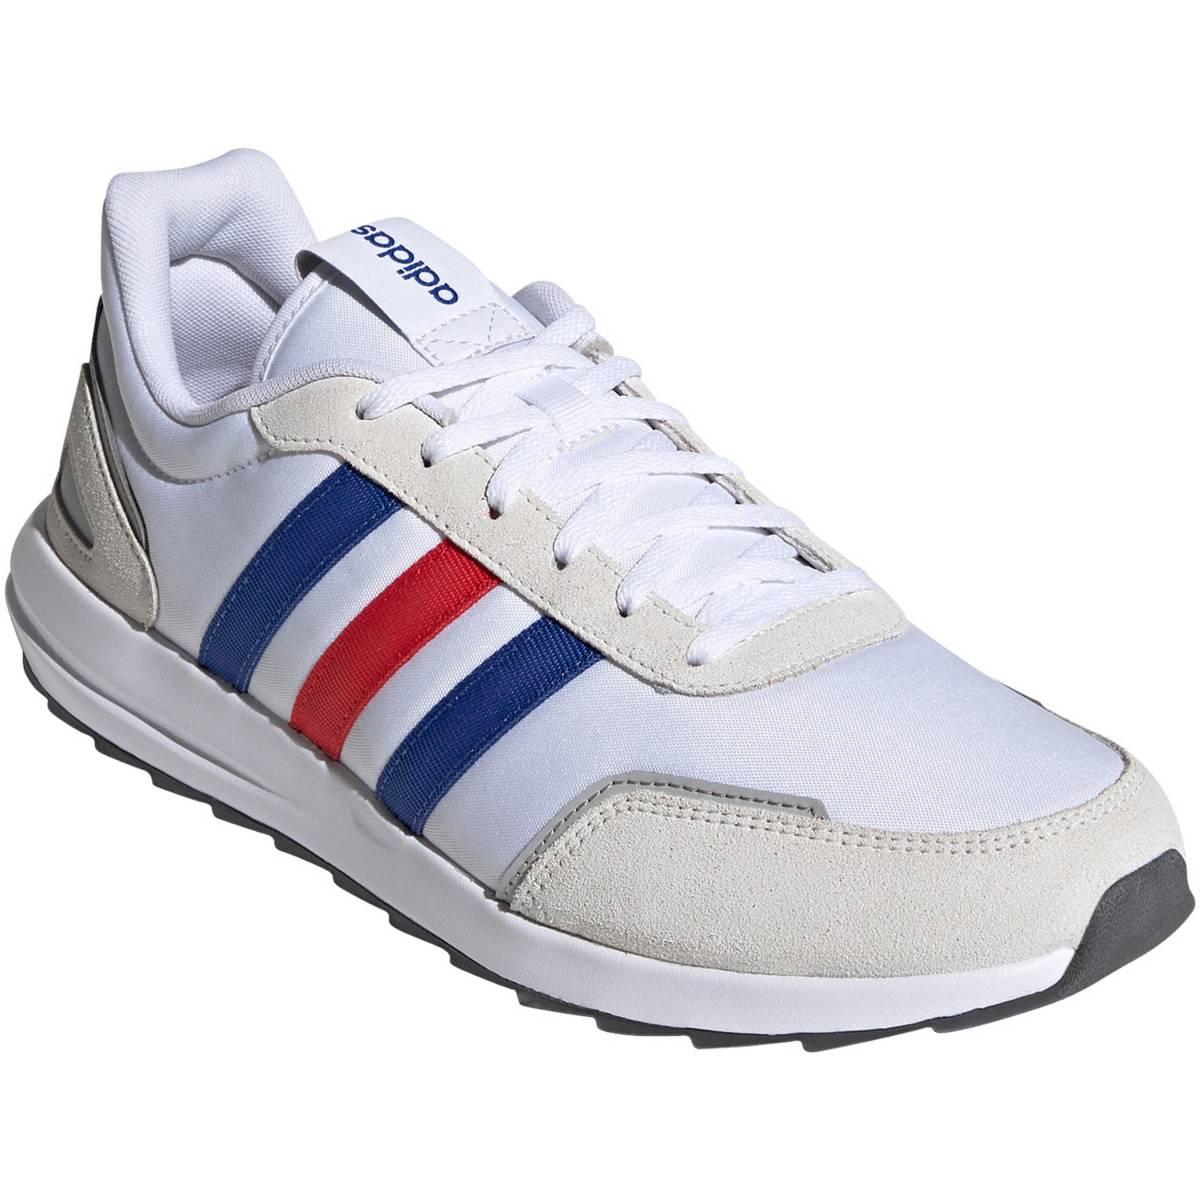 adidas Schuh Retrorunner weiß/blau (edit: nur noch Größen 41 1/3 und 44)